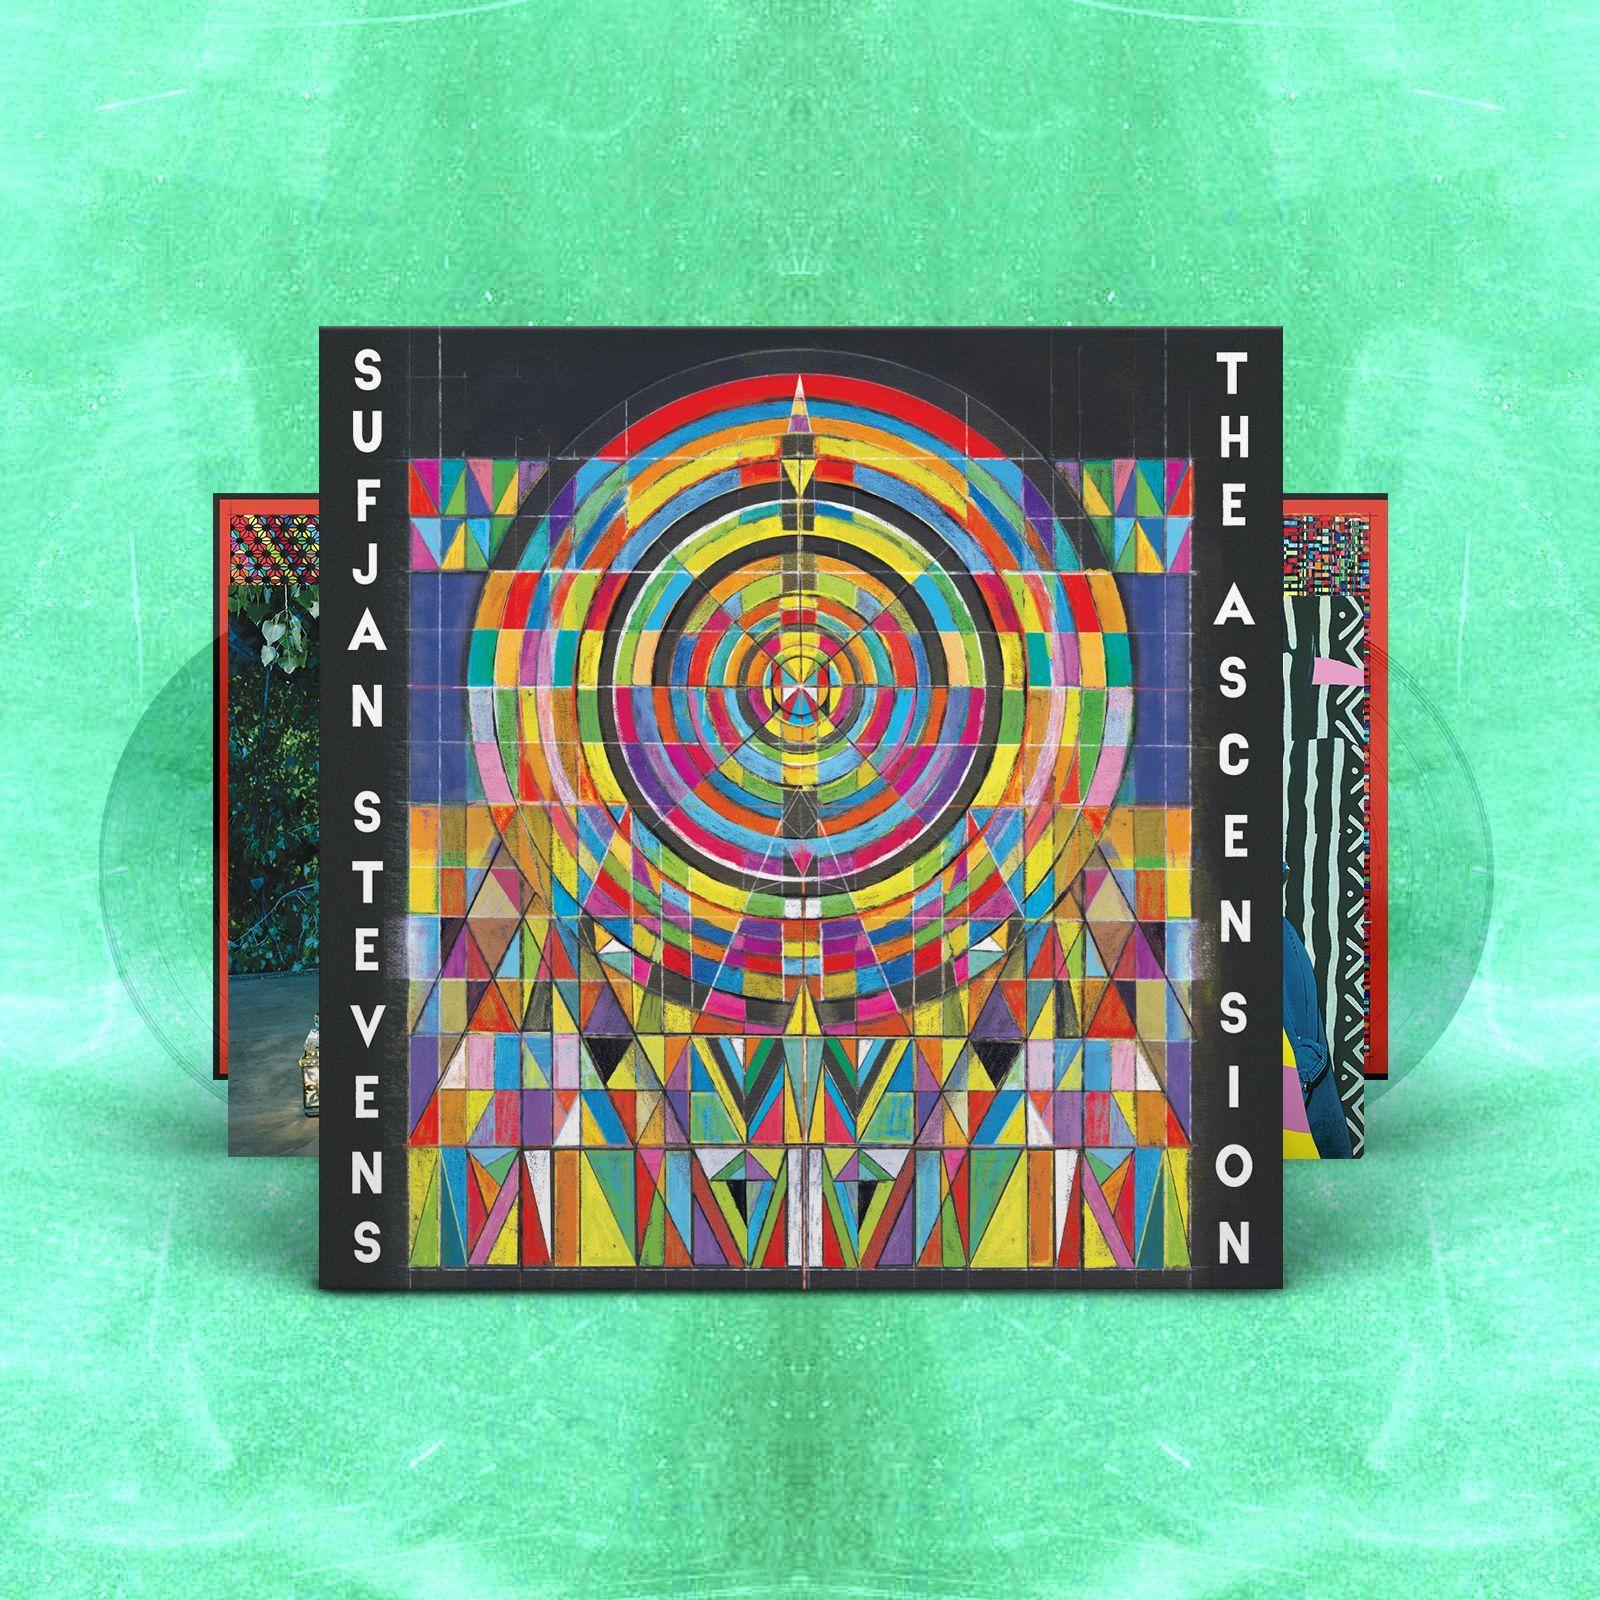 The Ascension (Clear Vinyl) - Sufjan Stevens - Musik - ASTHMATIC KITTY - 0729920164608 - 25/9-2020